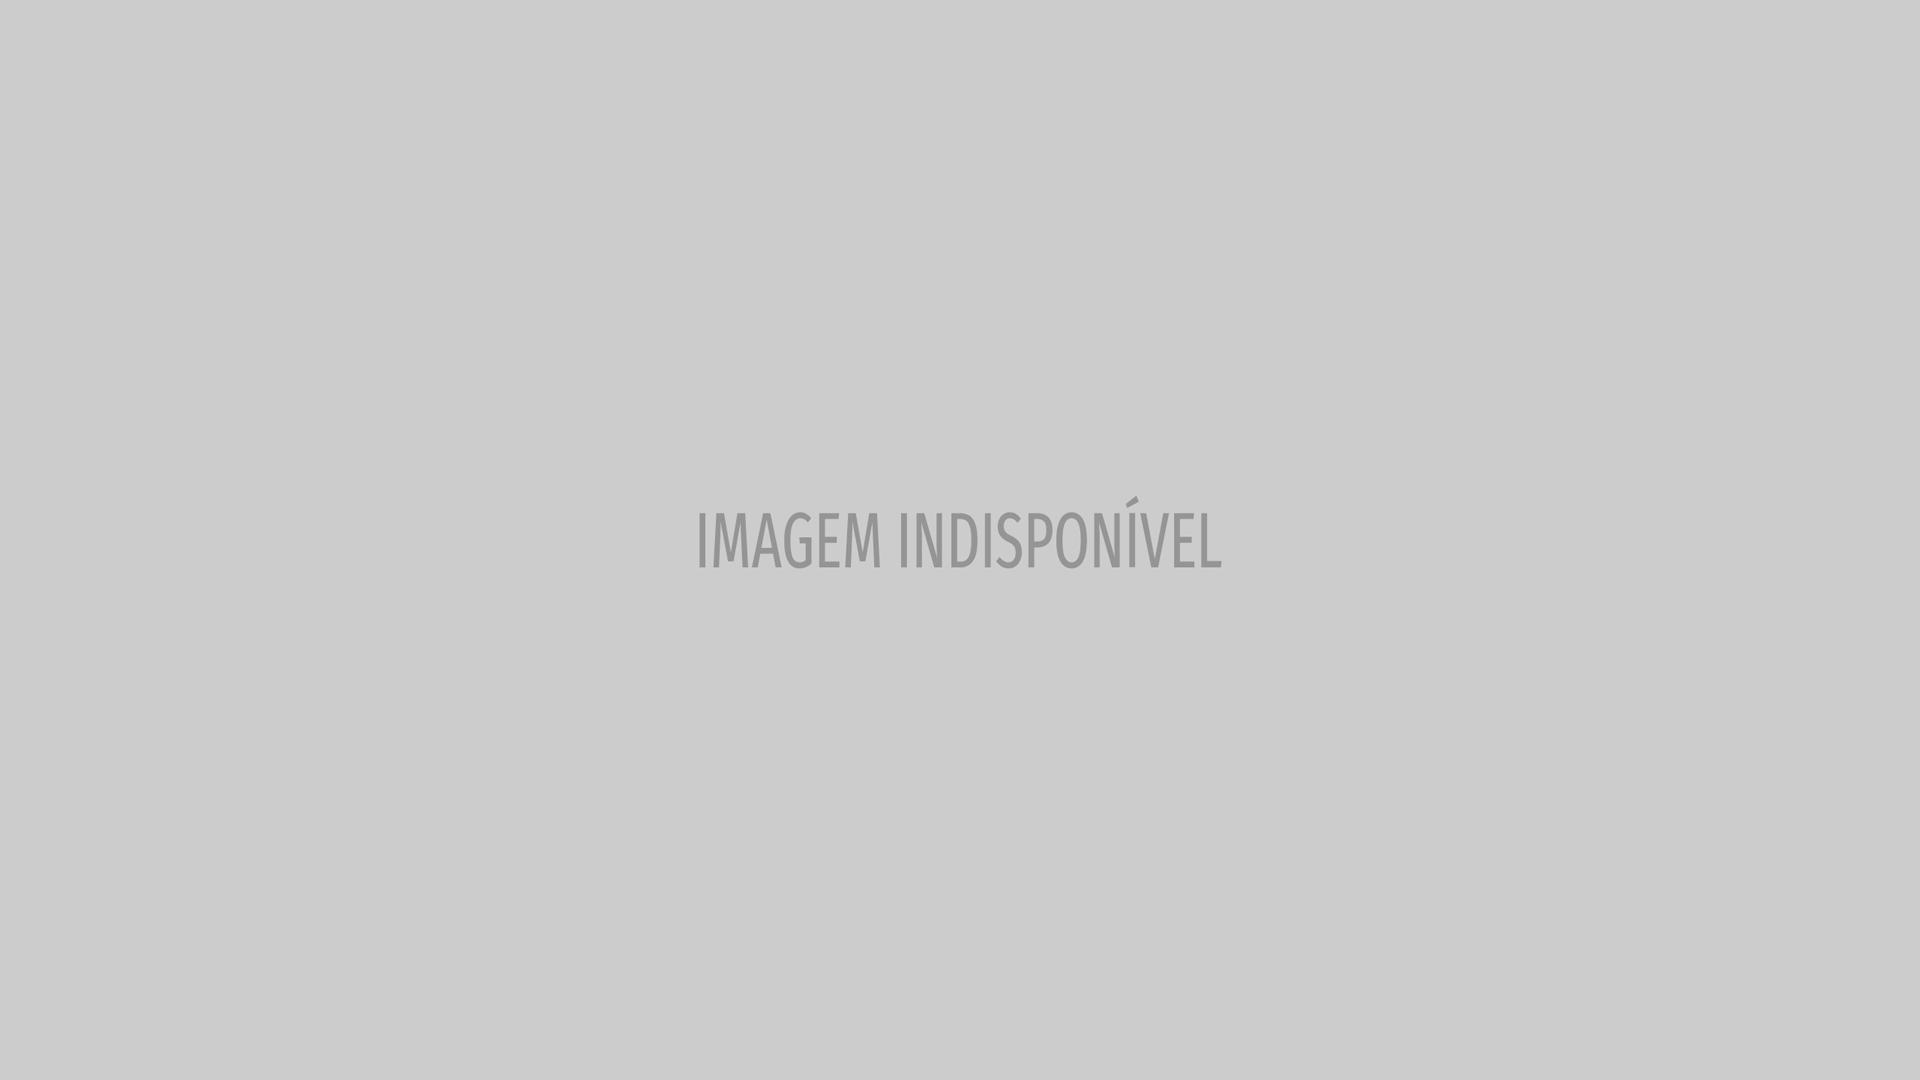 O amor está no ar: Marisa Cruz declara-se ao novo namorado no Instagram